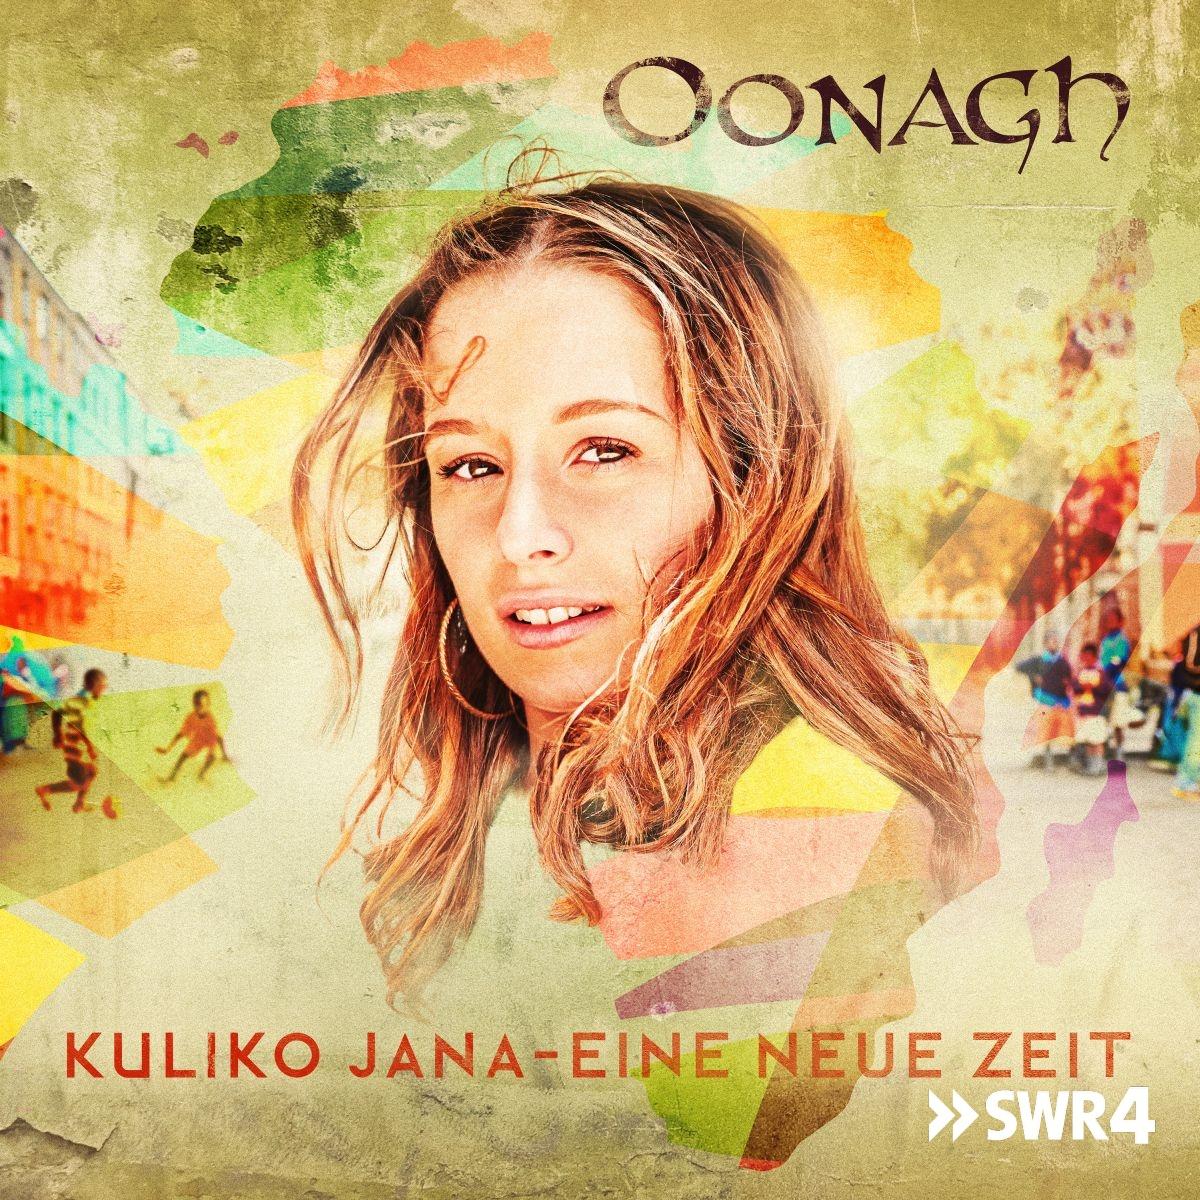 Kuliko jana - Eine neue Zeit (Foto: Oonagh)